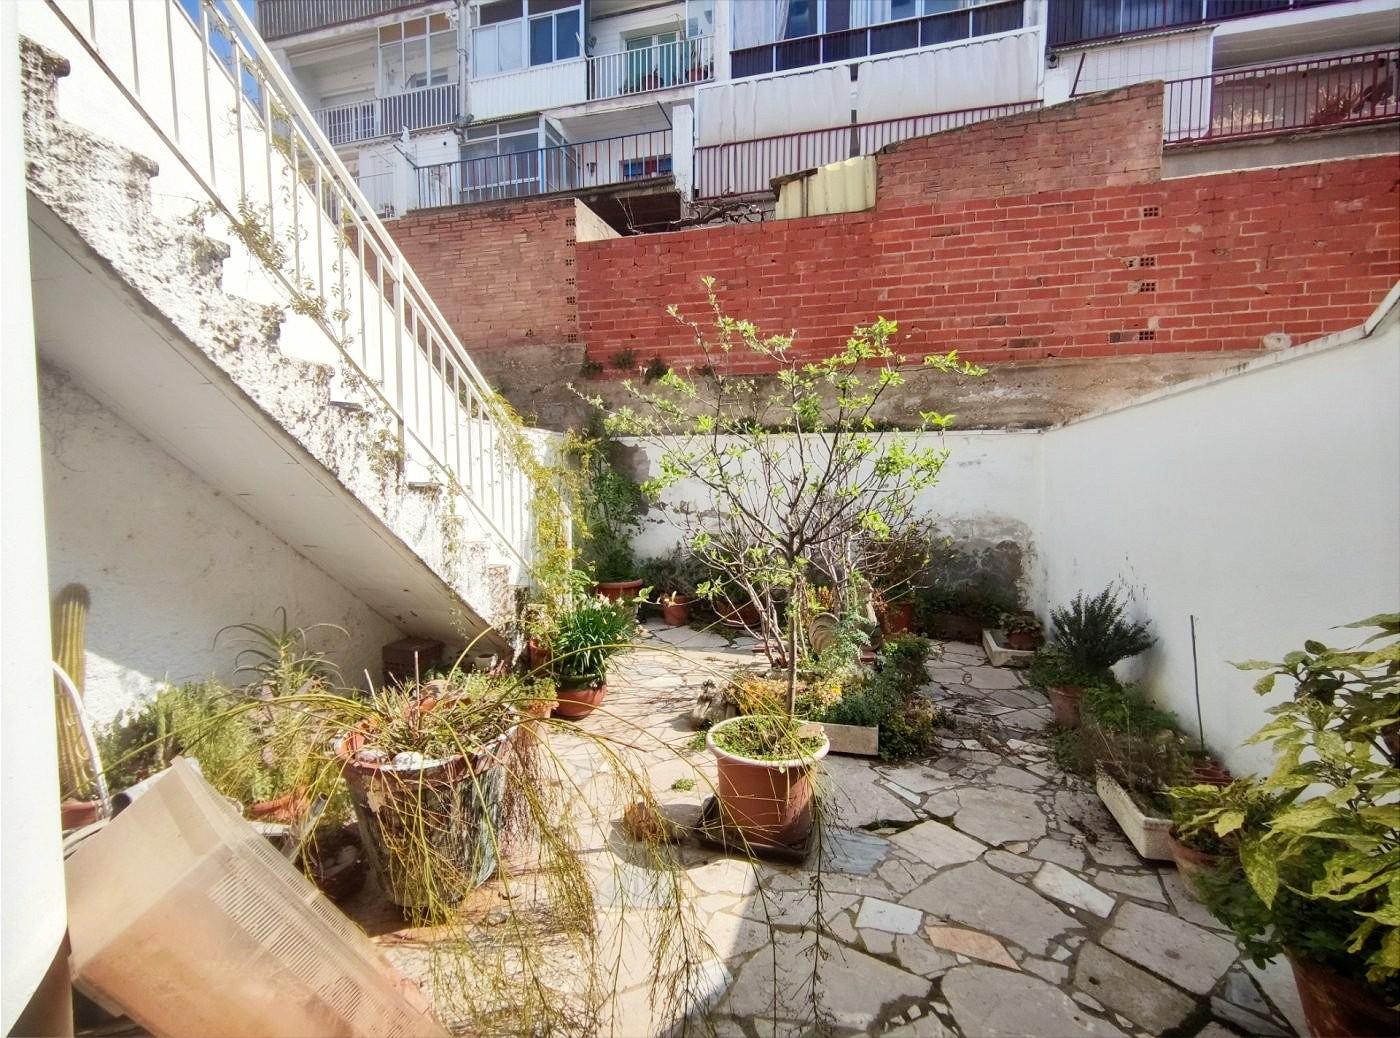 casa en venta de cinco habitaciones con patio y garaje en sant vicenÇ de castellet.